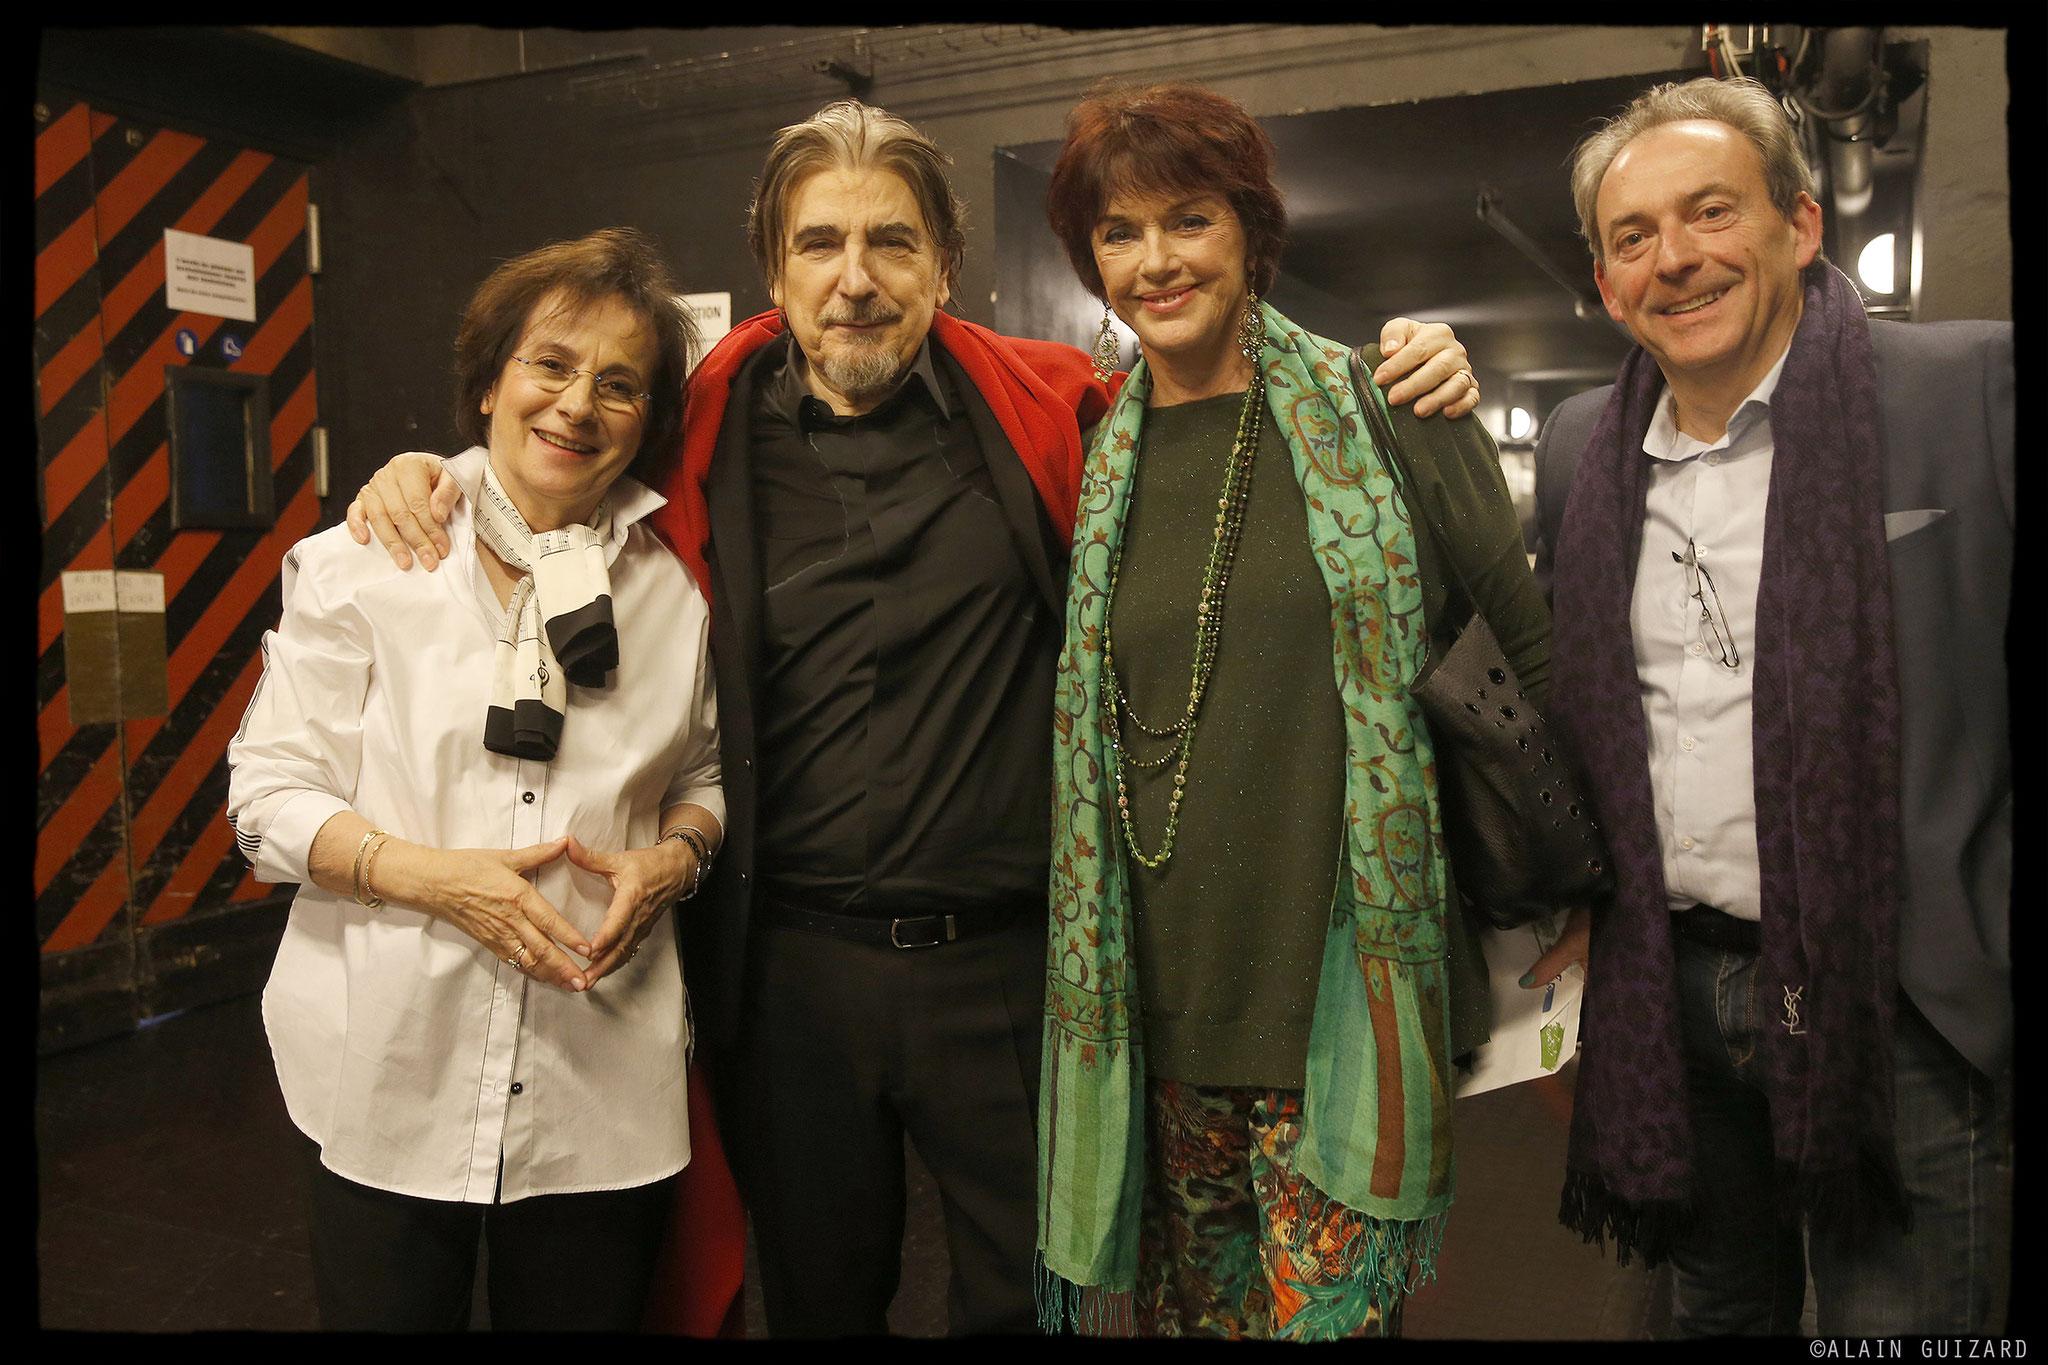 Marie Paule Belle, Serge Lama, Annie Duperey, Franck Cappilleri